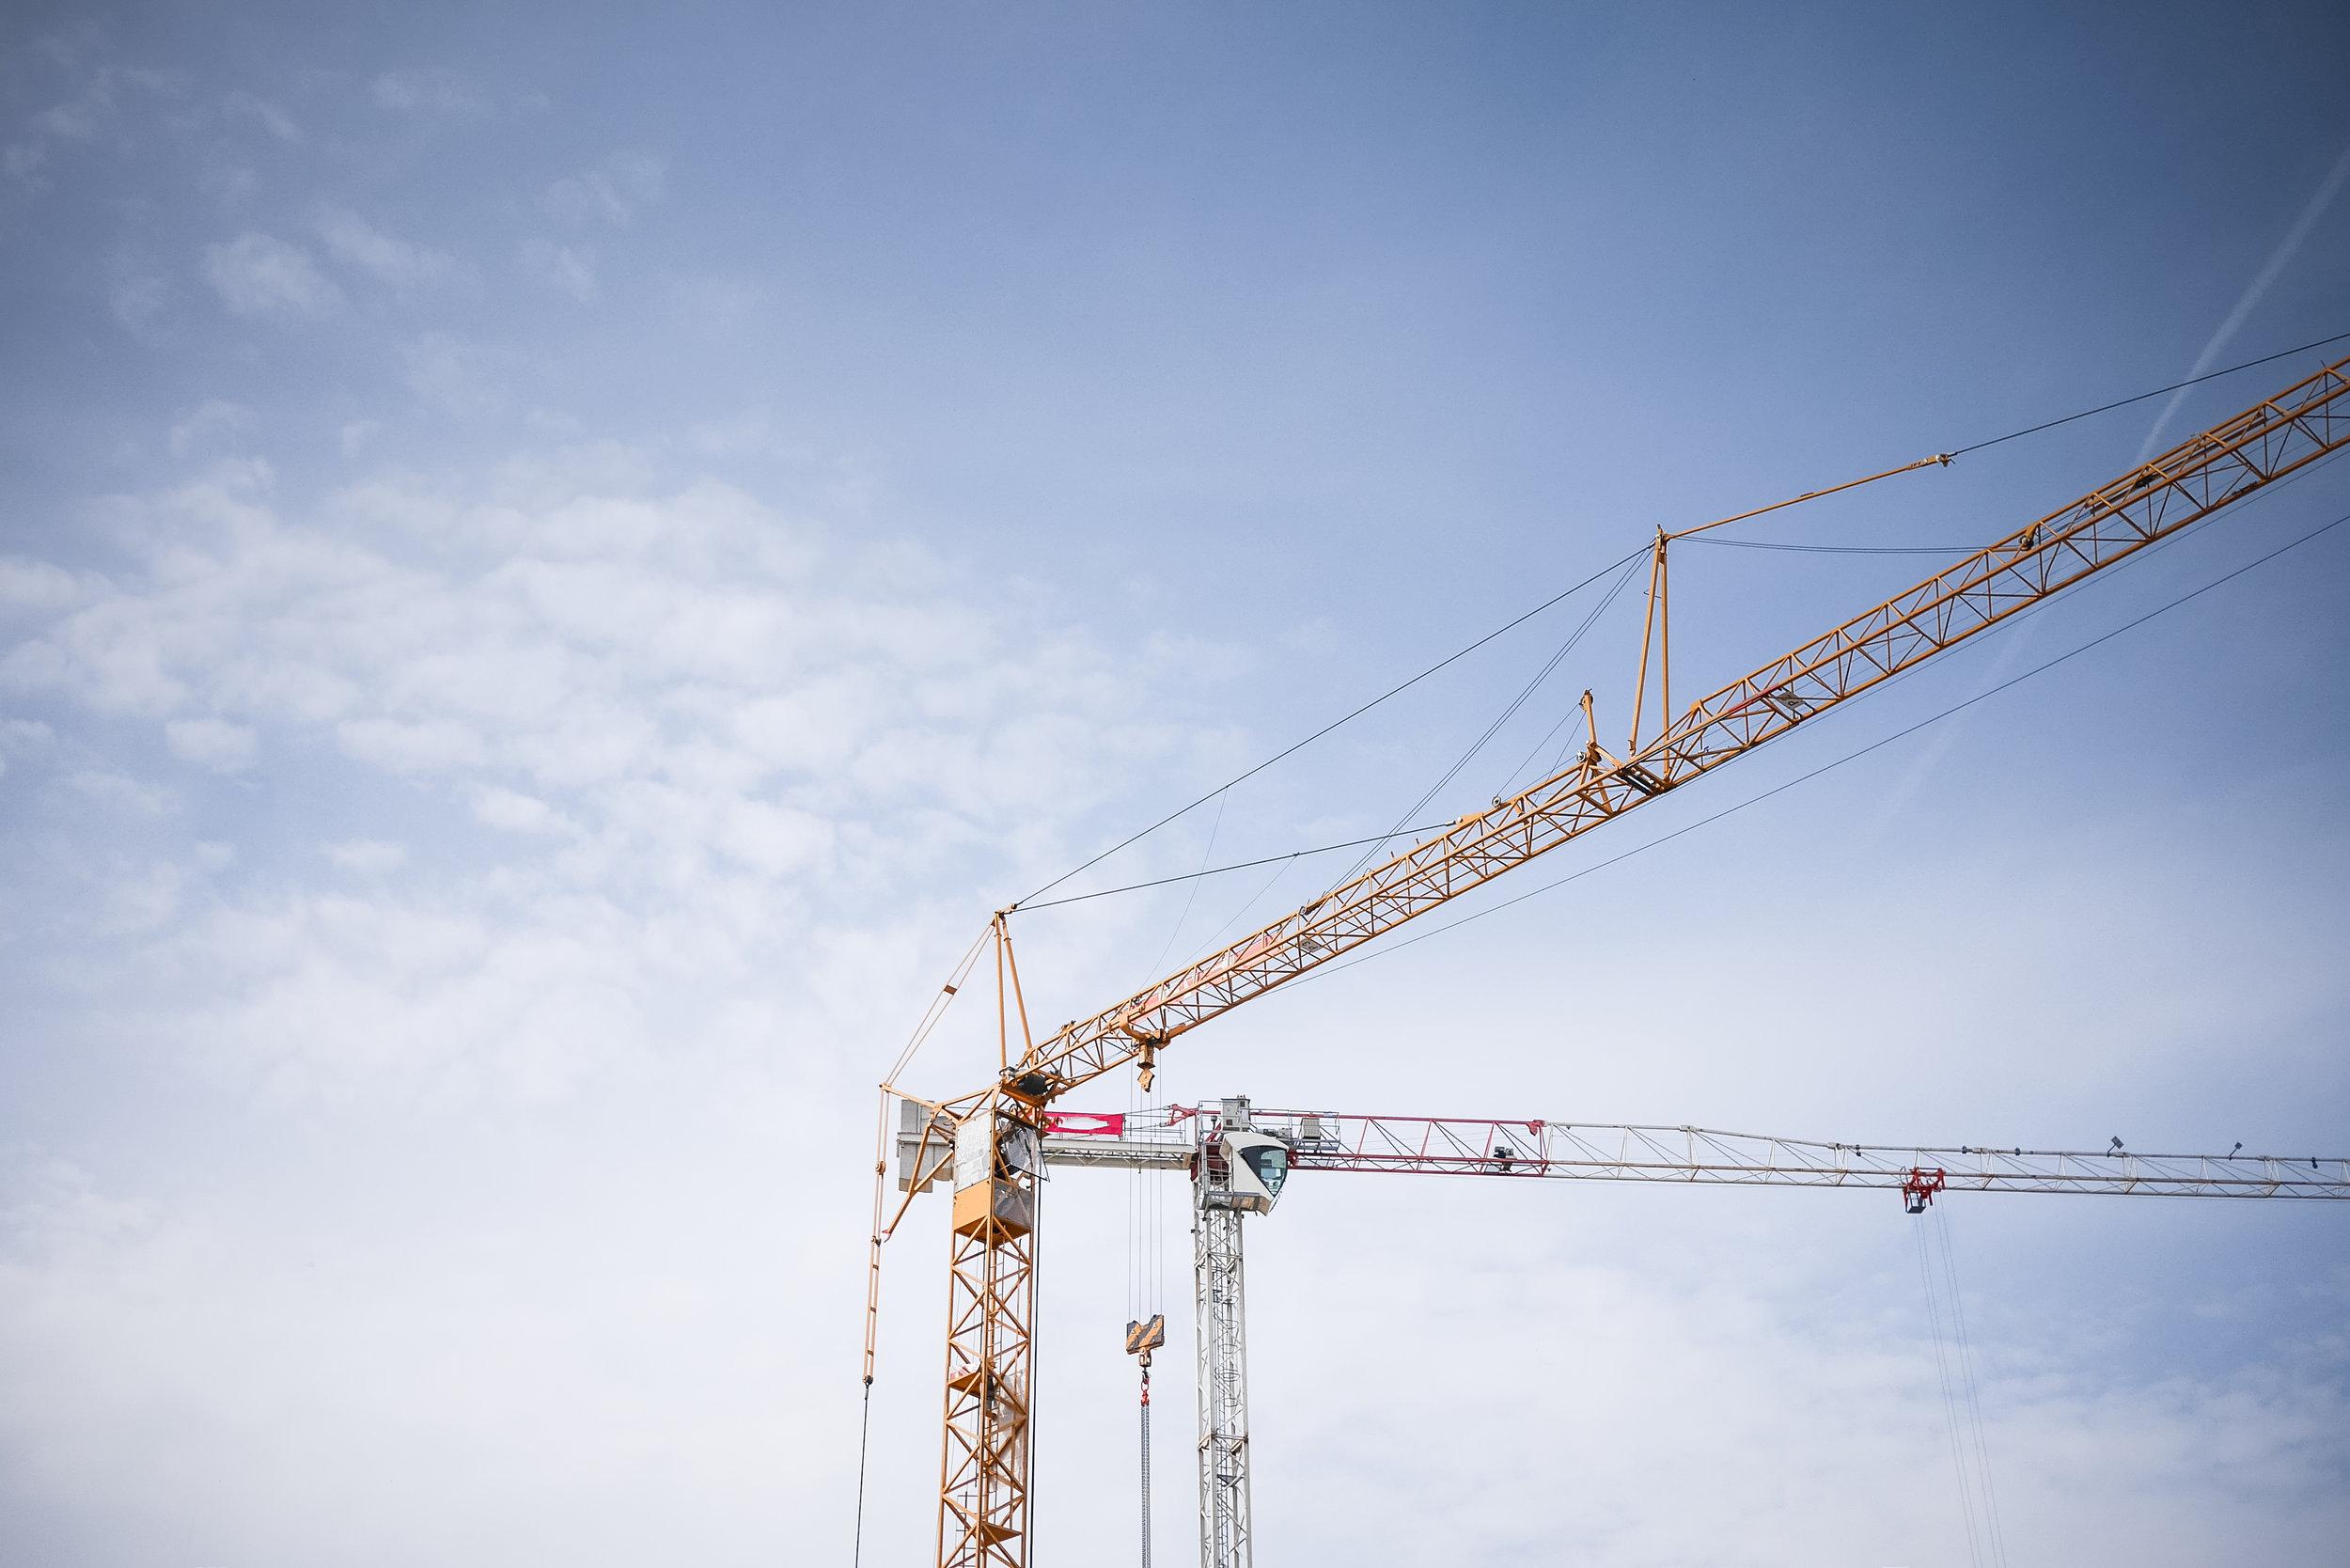 big-lifting-cranes-at-construction-site-picjumbo-com.jpg